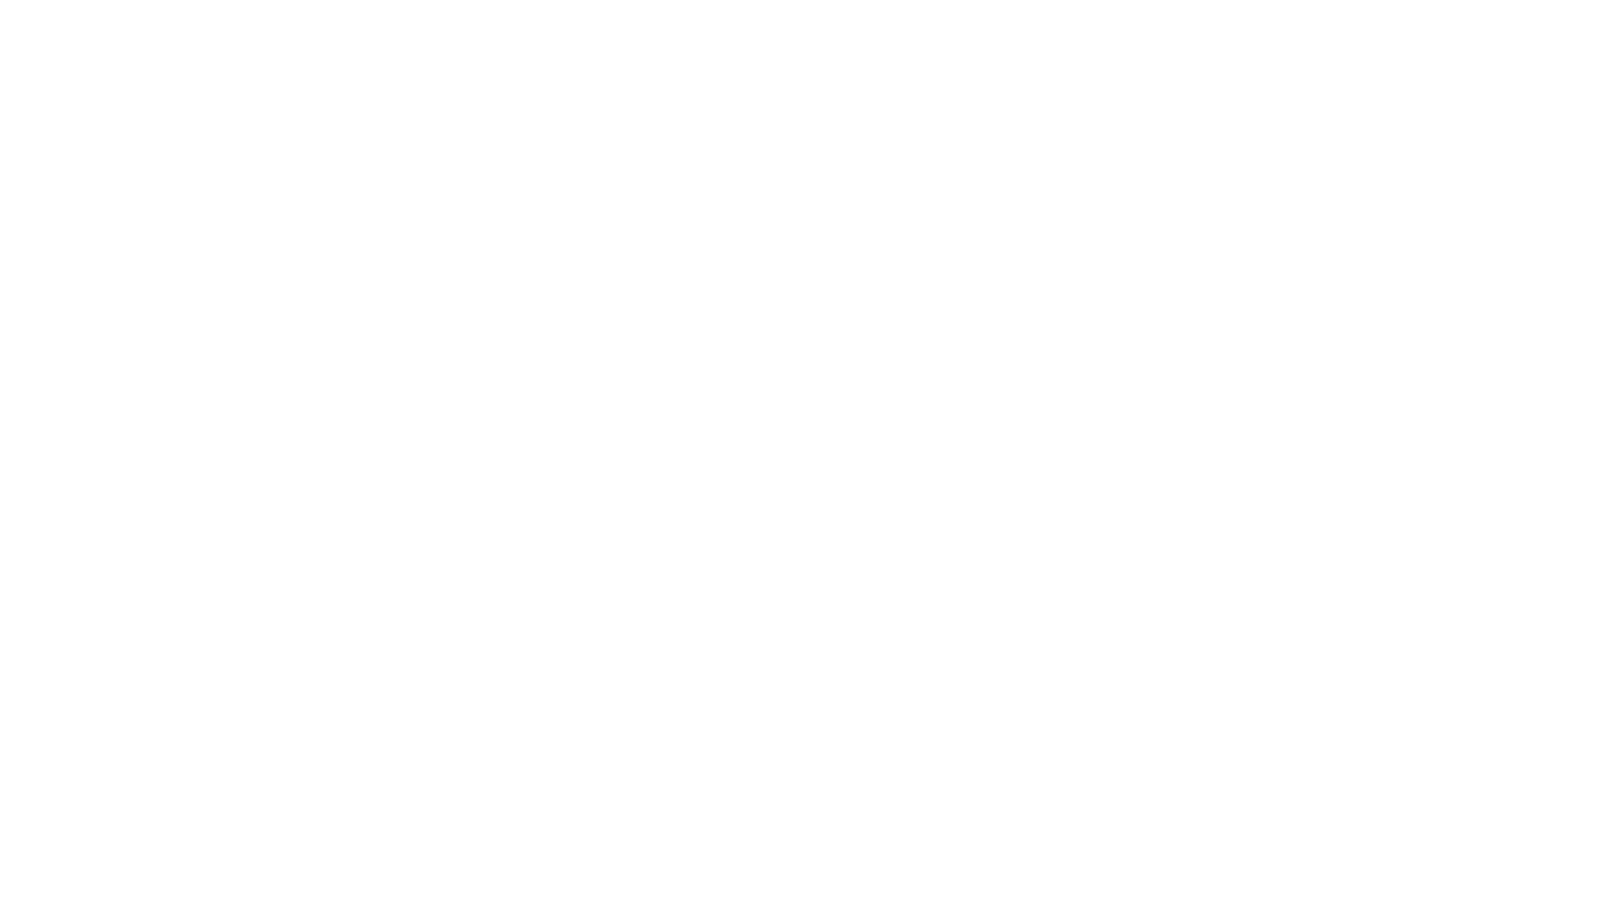 ▼チャンネル登録で応援お願い致します!! https://www.youtube.com/channel/UCb9oWBNJuCPiwnmtTSmySUA   価格 1,650万円 間取り 3LDK 築年月 1995年1月(築26年9ヶ月) 建物面積131.66m² 土地面積 179.72m² 交通 松浦鉄道西九州線 / 野中駅 徒歩7分 所在地 長崎県佐世保市吉岡町 バス・トイレ 追焚機能、汲取、温水洗浄便座 キッチン - 設備・サービス モニター付インターホン、全居室フローリング、プロパンガス、照明器具  リフォーム履歴 【内装】 2013年6月 壁・天井(クロス・塗装等) ※実施年月は最も古い履歴を表示 リフォーム履歴 【外装】 2021年3月 外壁、屋根 ※実施年月は最も古い履歴を表示 エレナ吉岡店 距離:384m  エレナ吉岡店  距離:384m  マックスバリュ中里店 距離:1,376m  マルキョウ大野店 距離:1,875m  ファミリーマート佐世保吉岡町店 距離:175m  セブンイレブン佐世保吉岡店 距離:461m  佐世保市立中里中学校 距離:1,536m  佐世保市立皆瀬小学校 距離:1,280m  交通  松浦鉄道西九州線 / 野中駅 徒歩7分 (電車ルート案内)  所在地 長崎県佐世保市吉岡町 佐世保市の価格相場 物件種目 中古一戸建て 価格 1,650万円 ローンシミュレーター 借地期間・地代(月額) - 権利金 - 敷金 / 保証金 - / - 維持費等 - その他一時金 - バス・トイレ 追焚機能、汲取、温水洗浄便座 キッチン - 設備・サービス モニター付インターホン、全居室フローリング、プロパンガス、照明器具 その他 - 瑕疵保証 - 瑕疵保険 - 評価・証明書 ■建物状況調査  申込対応可 備考  バルコニー:3.30m² 主要採光面:南西向き 施工会社:株式会社大成住宅  間取り 3LDK(洋 13・20・14 LDK 13) 建物面積 131.66m² 土地面積 179.72m²(公簿) 私道負担面積 有 128.00m²(共有持分6/10) 築年月 1995年1月 (築26年9ヶ月) 階建 / 階 2階建 駐車場 有 無料 建物構造 木造 土地権利 所有権 都市計画 市街化区域 用途地域 1種中高 接道状況 西 4.0m 私道 接面2.0m 建ぺい率 60% 容積率 200% 地目 宅地 地勢 高台   (会社概要) 色々な角度から暮らしを考える 私たちは固定観念にとらわれず、家に新しい価値を与え、家族に豊かな暮らしを提案します  その他、ご不明点ございましたらお気軽にコメントくださいませ。   (会社情報・連絡先) ♥名称 株式会社ユメマチ ♥住所 長崎県佐世保市針尾東町26-3 ♥電話 0956-58-2295  挿入音楽 作曲者⇒ 甘茶(英語表記=Amacha) URL⇒ https://amachamusic.chagasi.com/